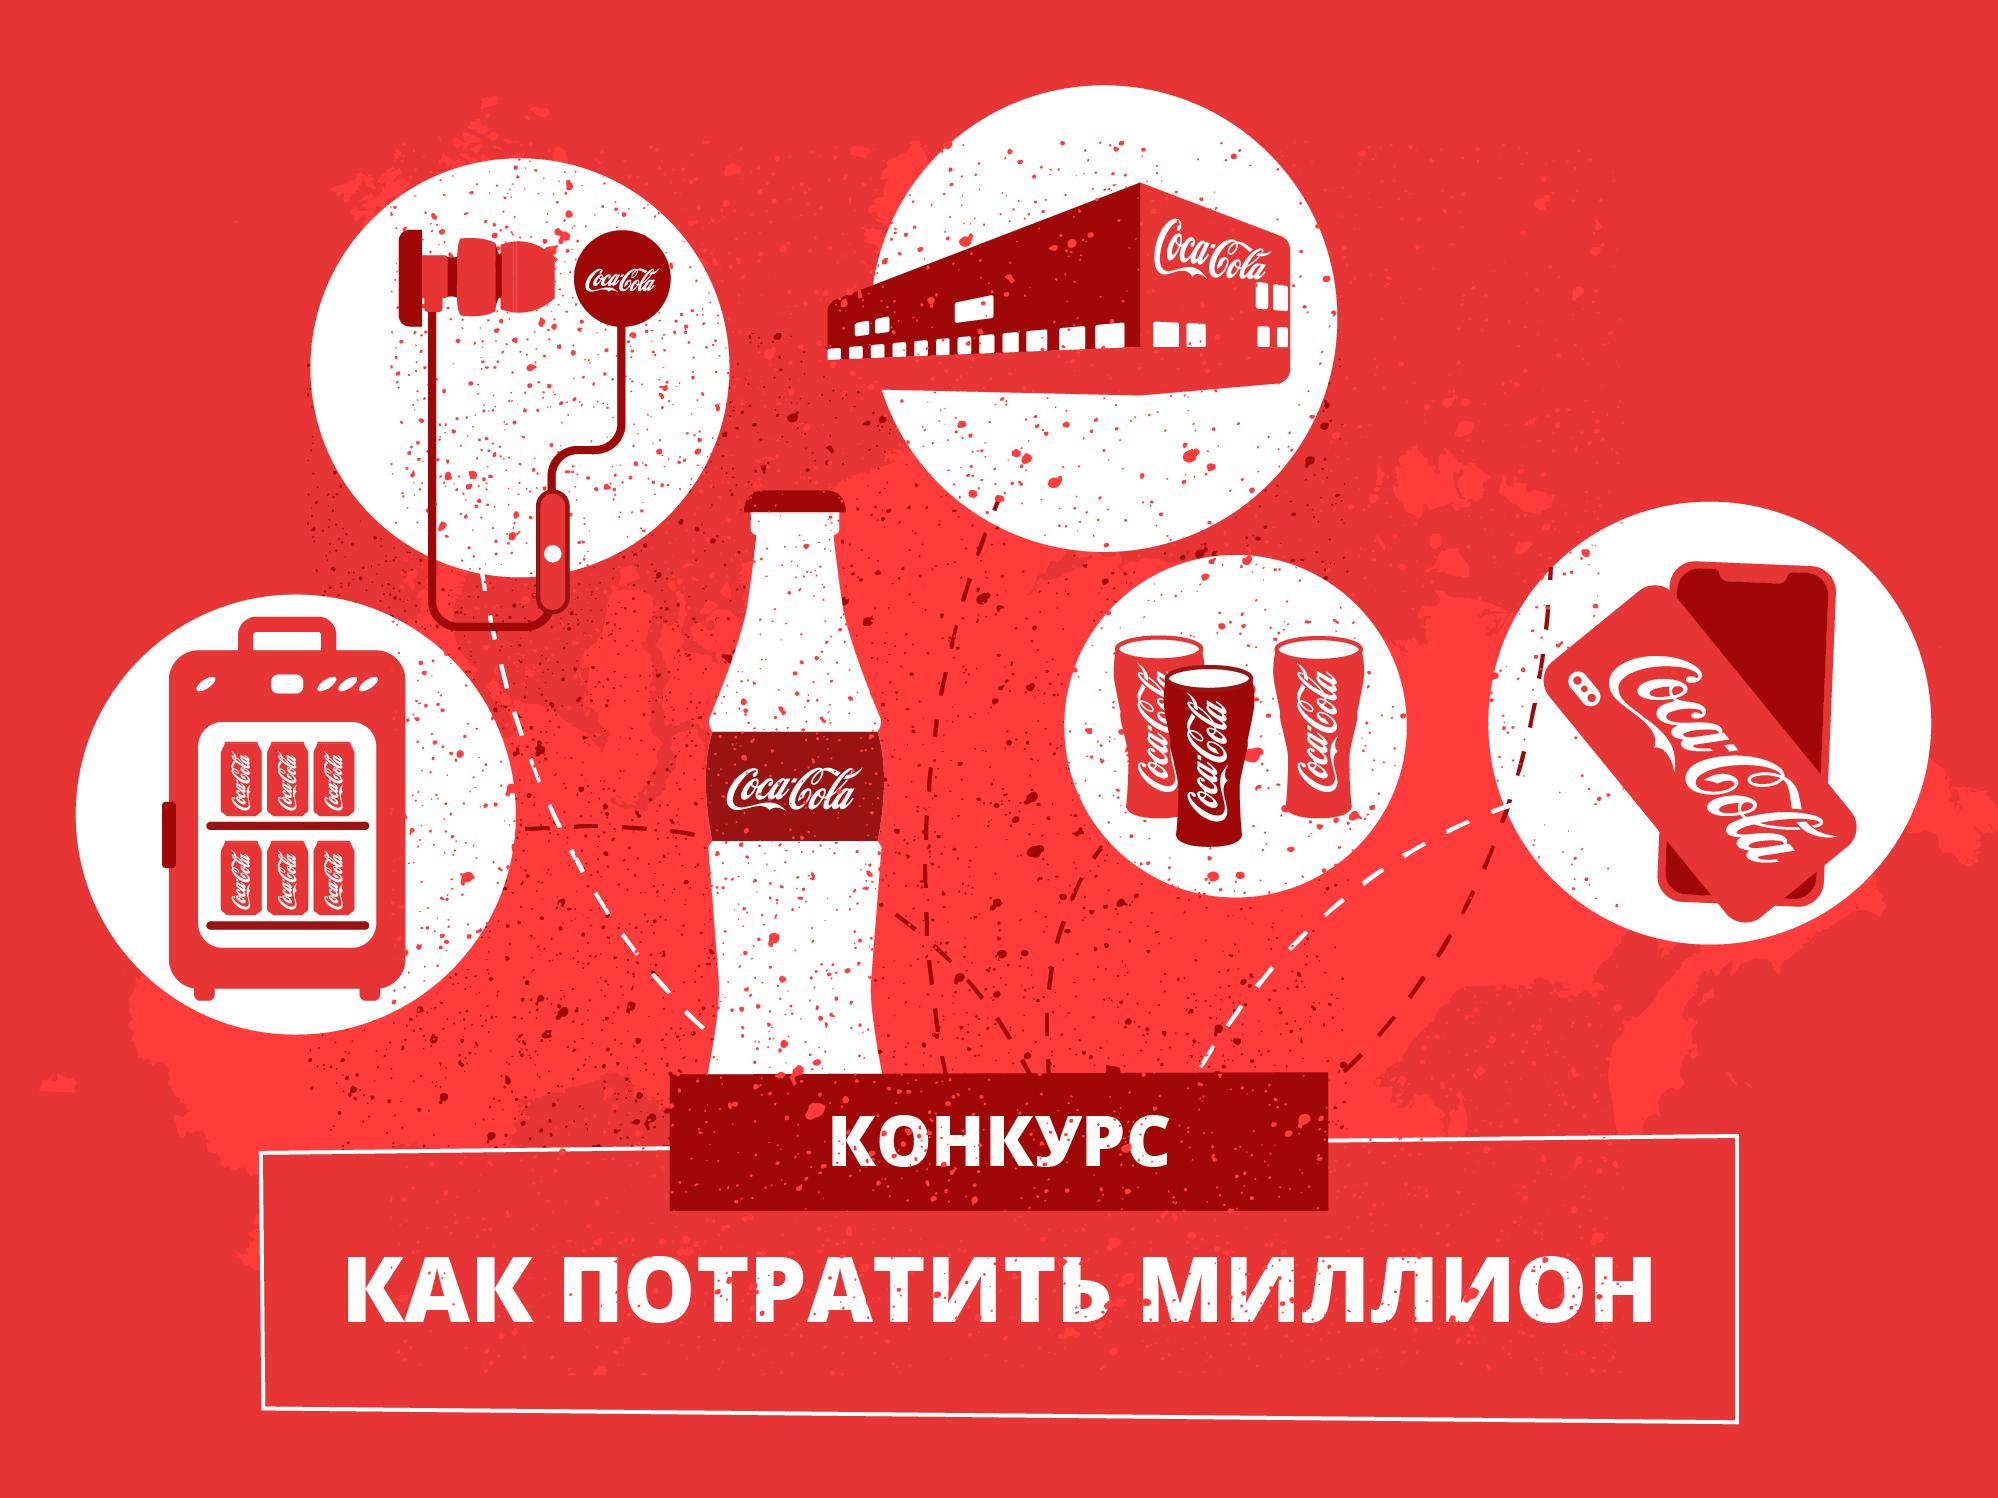 Миллион от Coca-Cola